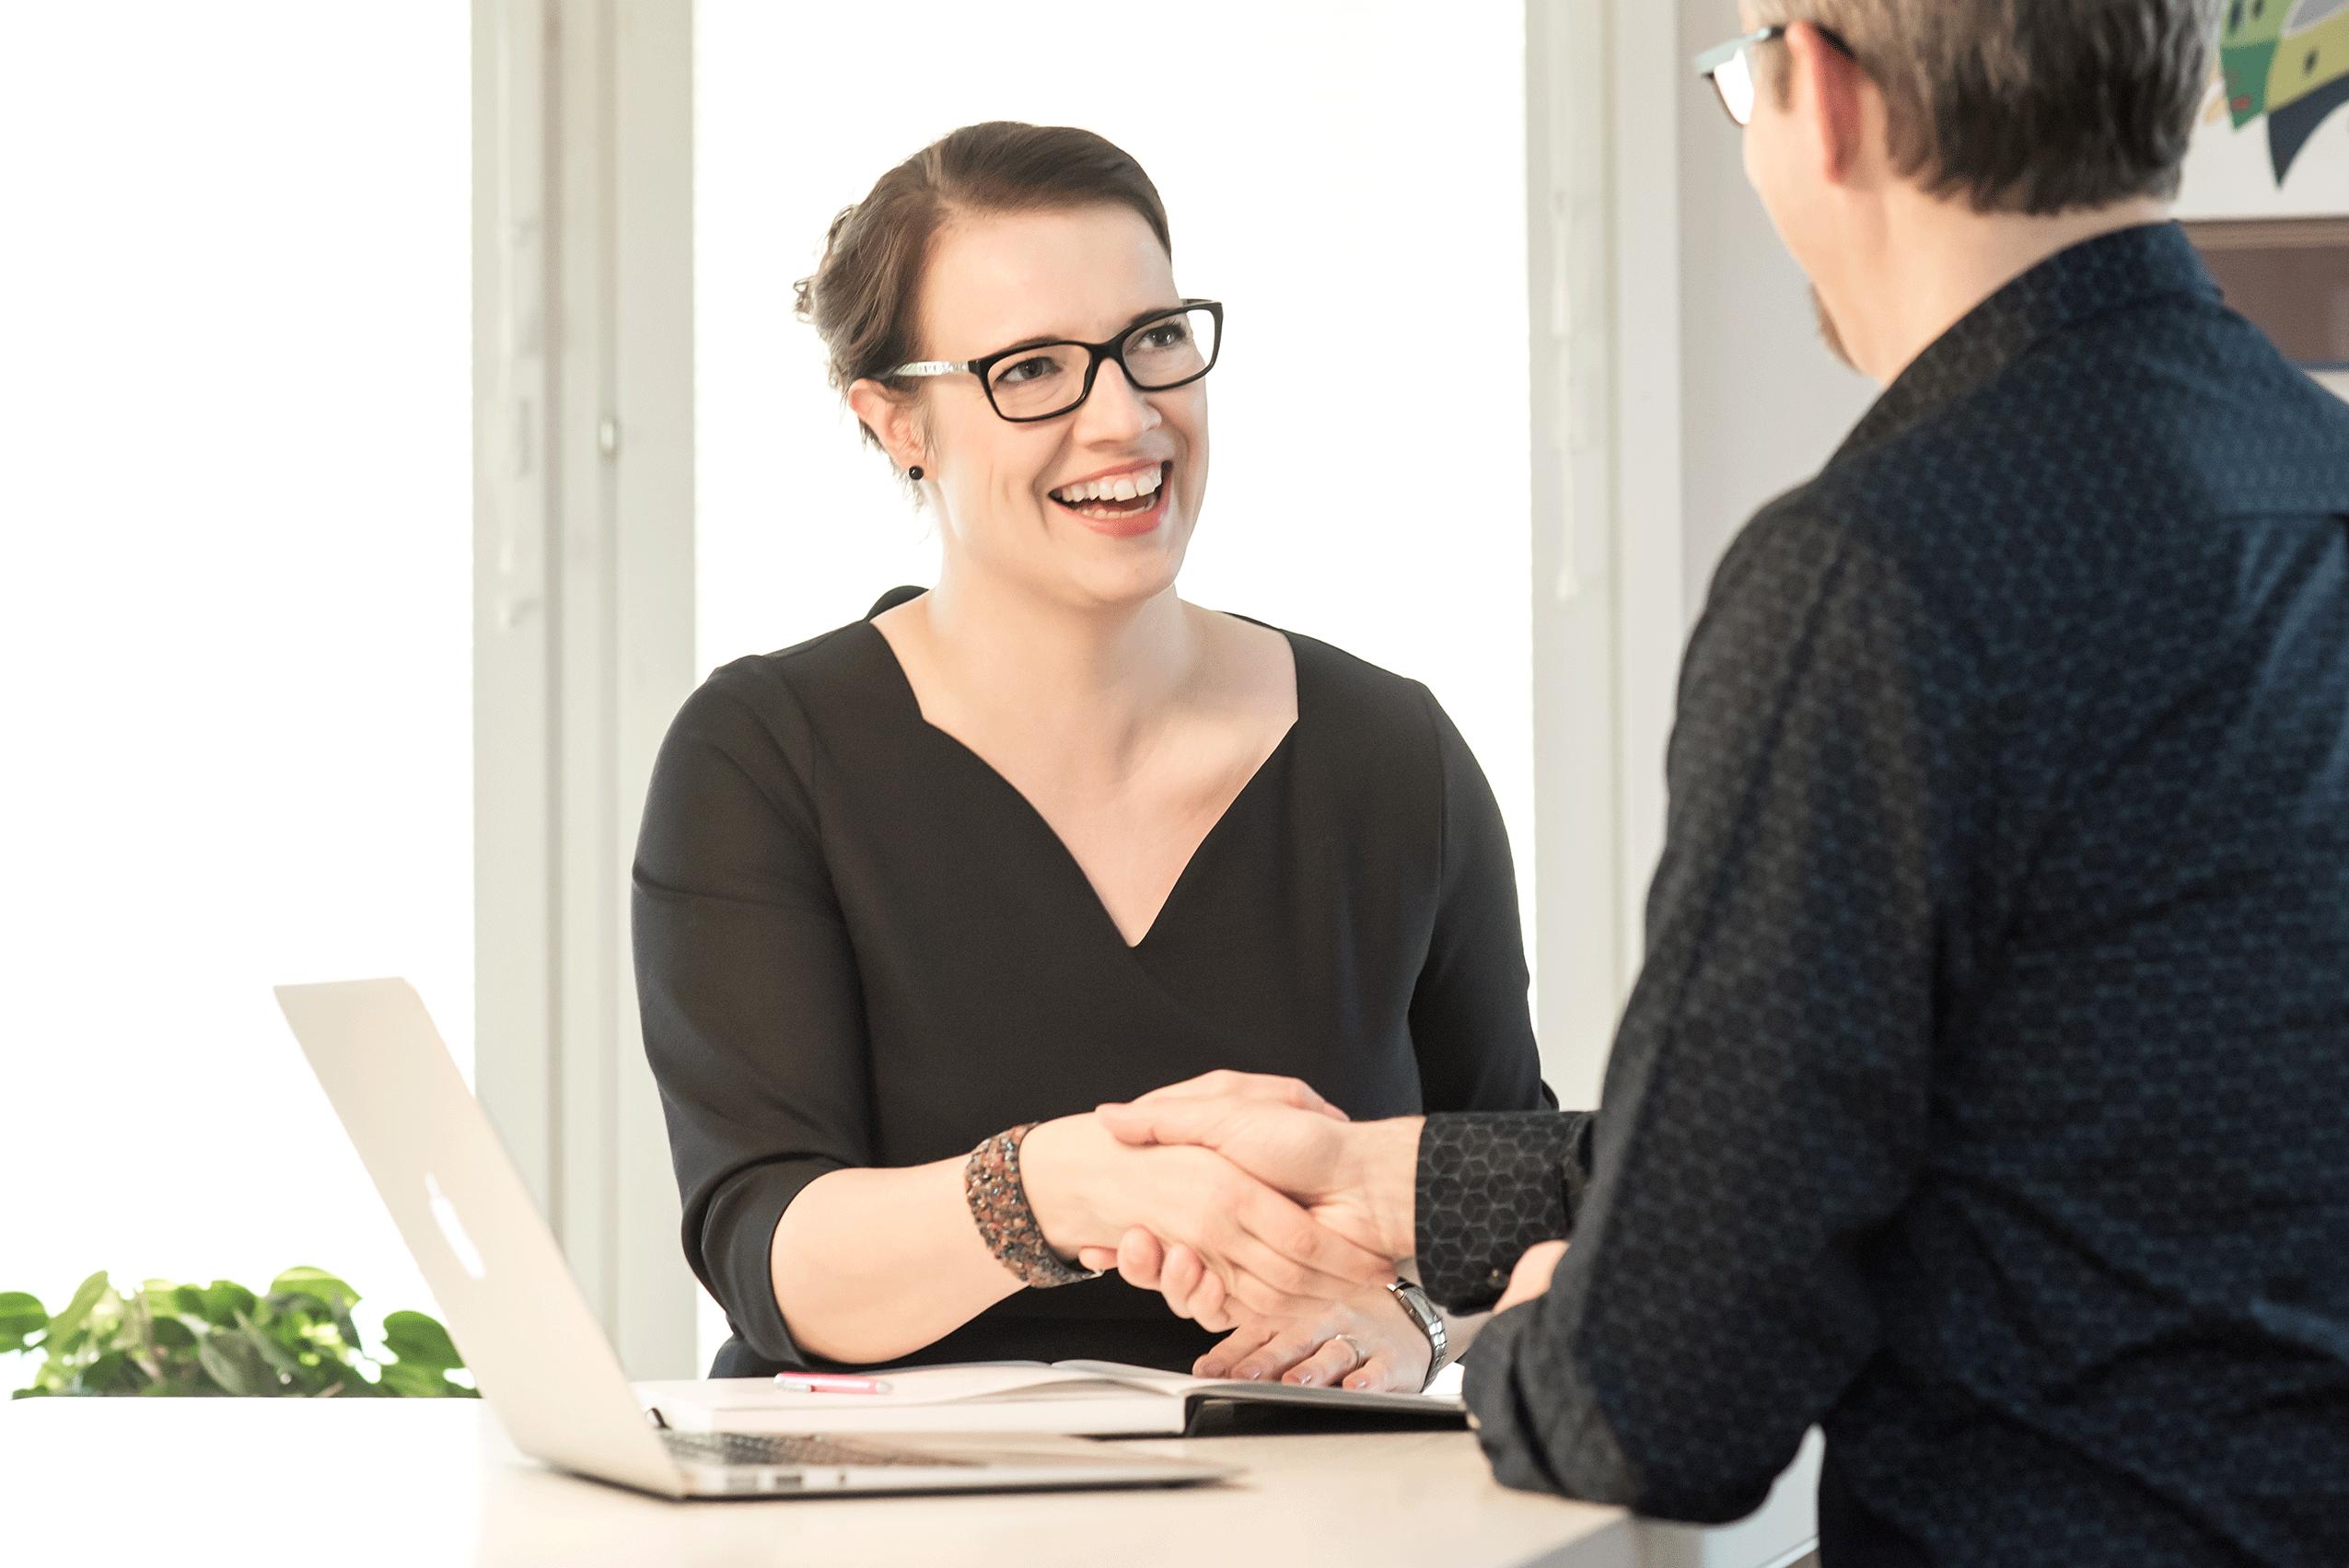 Mitä yrityksesi tarvitsee liiketoimintasi kehittämiseen?